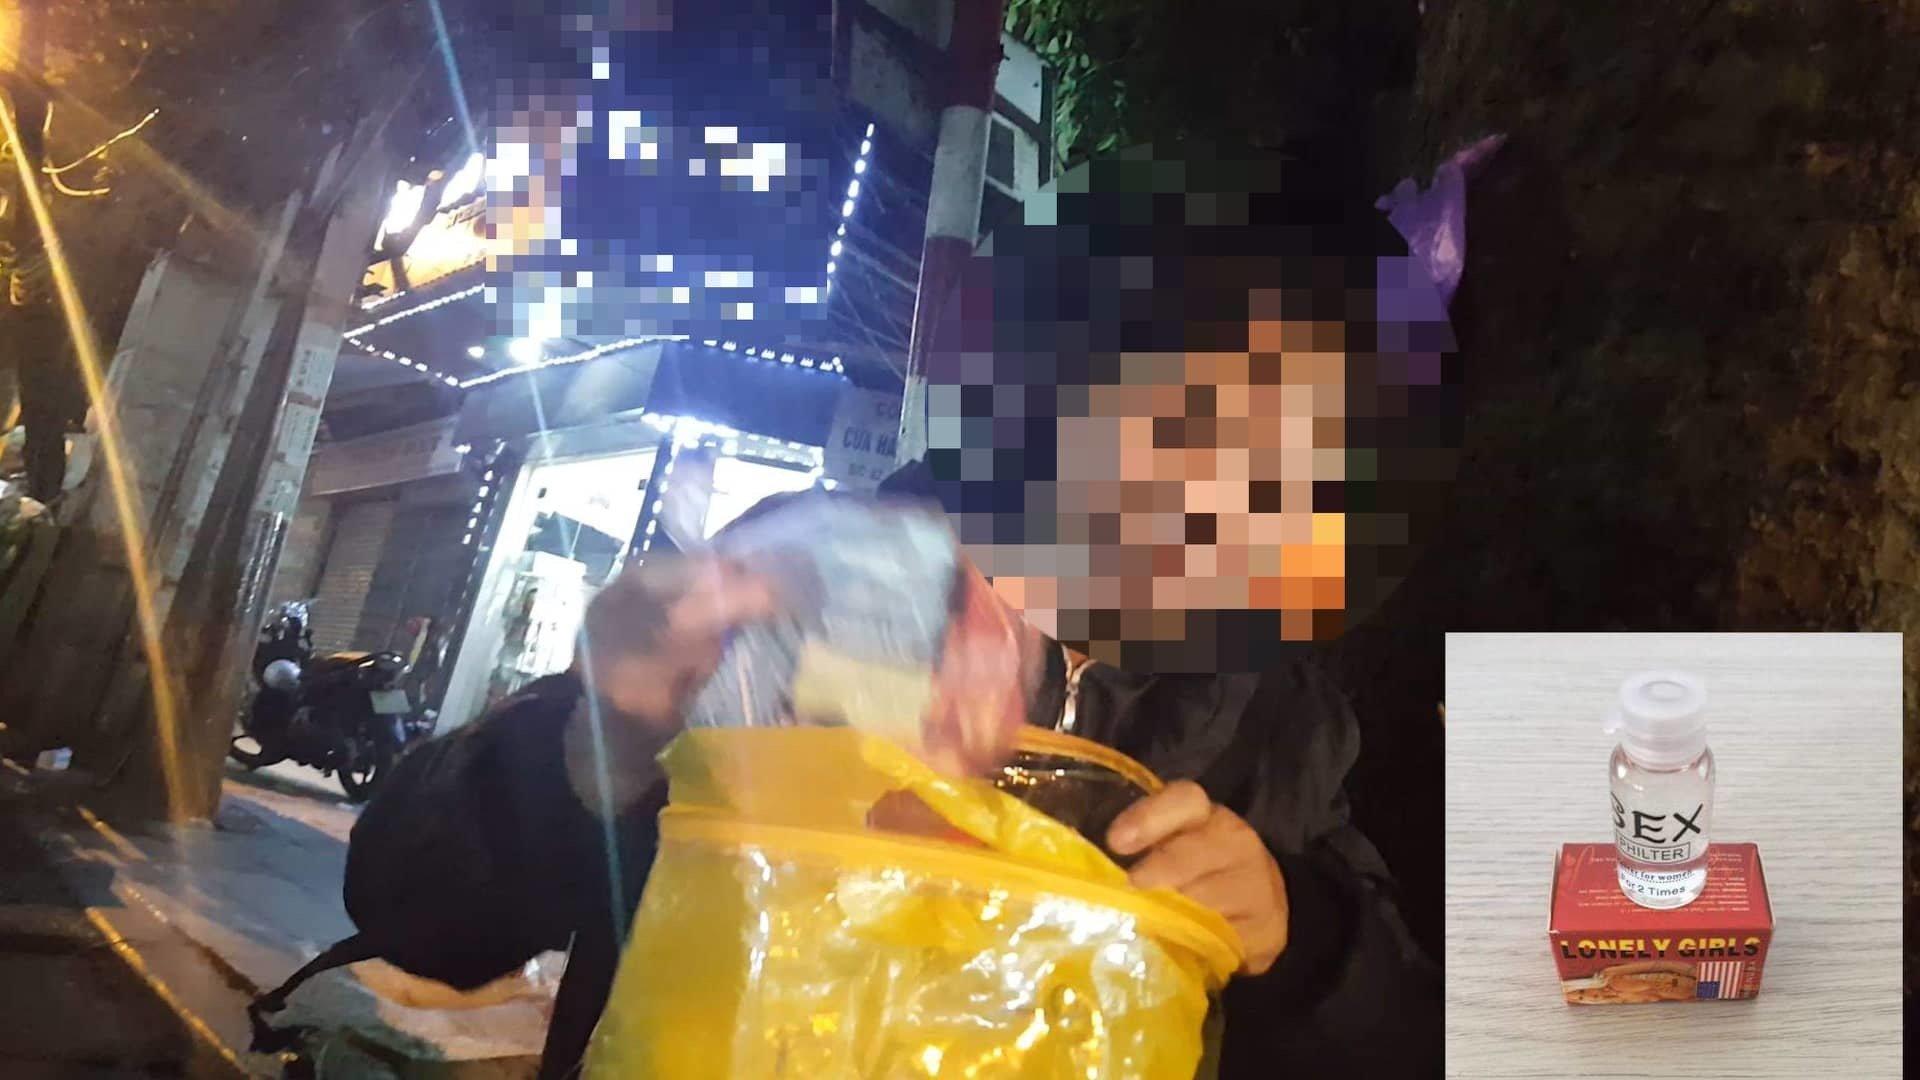 Chợ sung sướng: Lọ thuốc 100 nghìn khiến phụ nữ tự nguyện dâng hiến-1